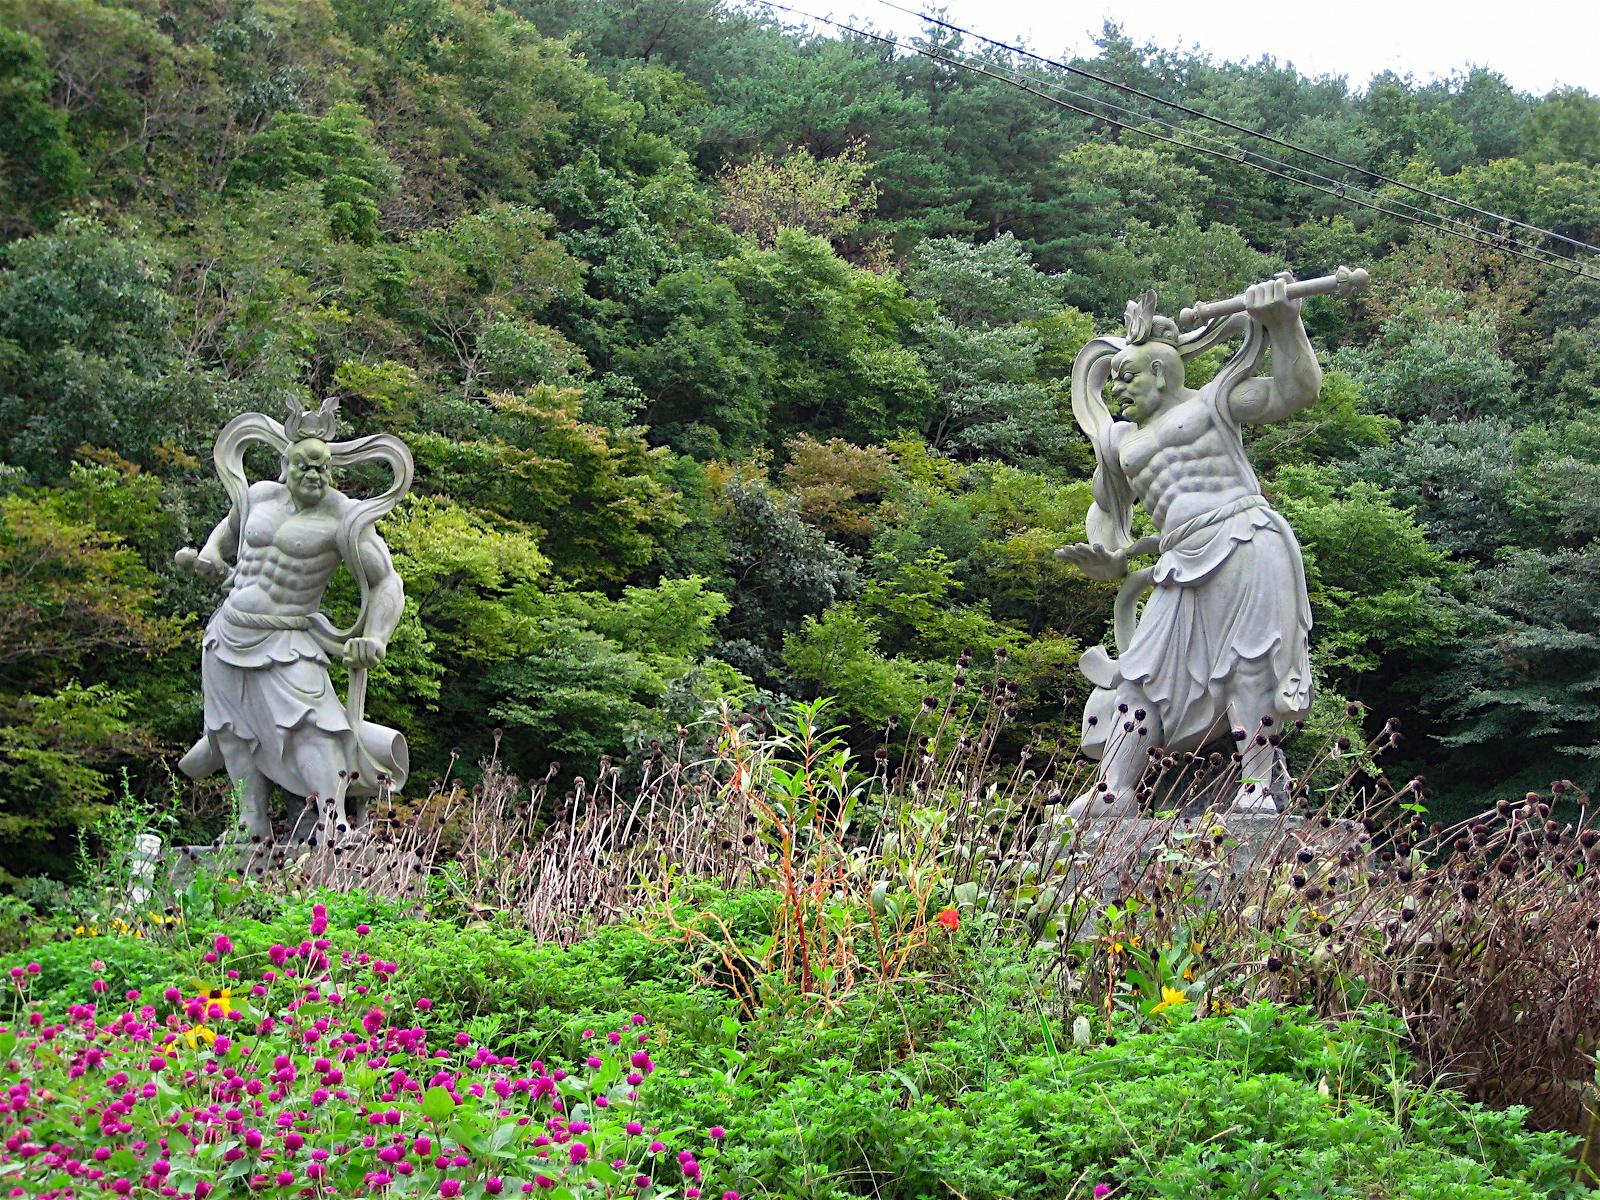 File:Statues of a Deva king-Golgulsa-Gyeongju-Korea-01.jpg ...